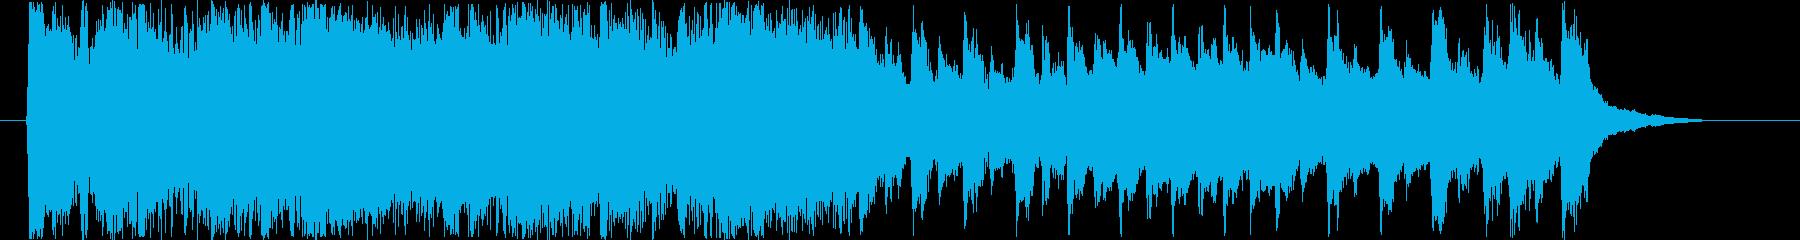 幼児、家族向けCMのbgmの再生済みの波形